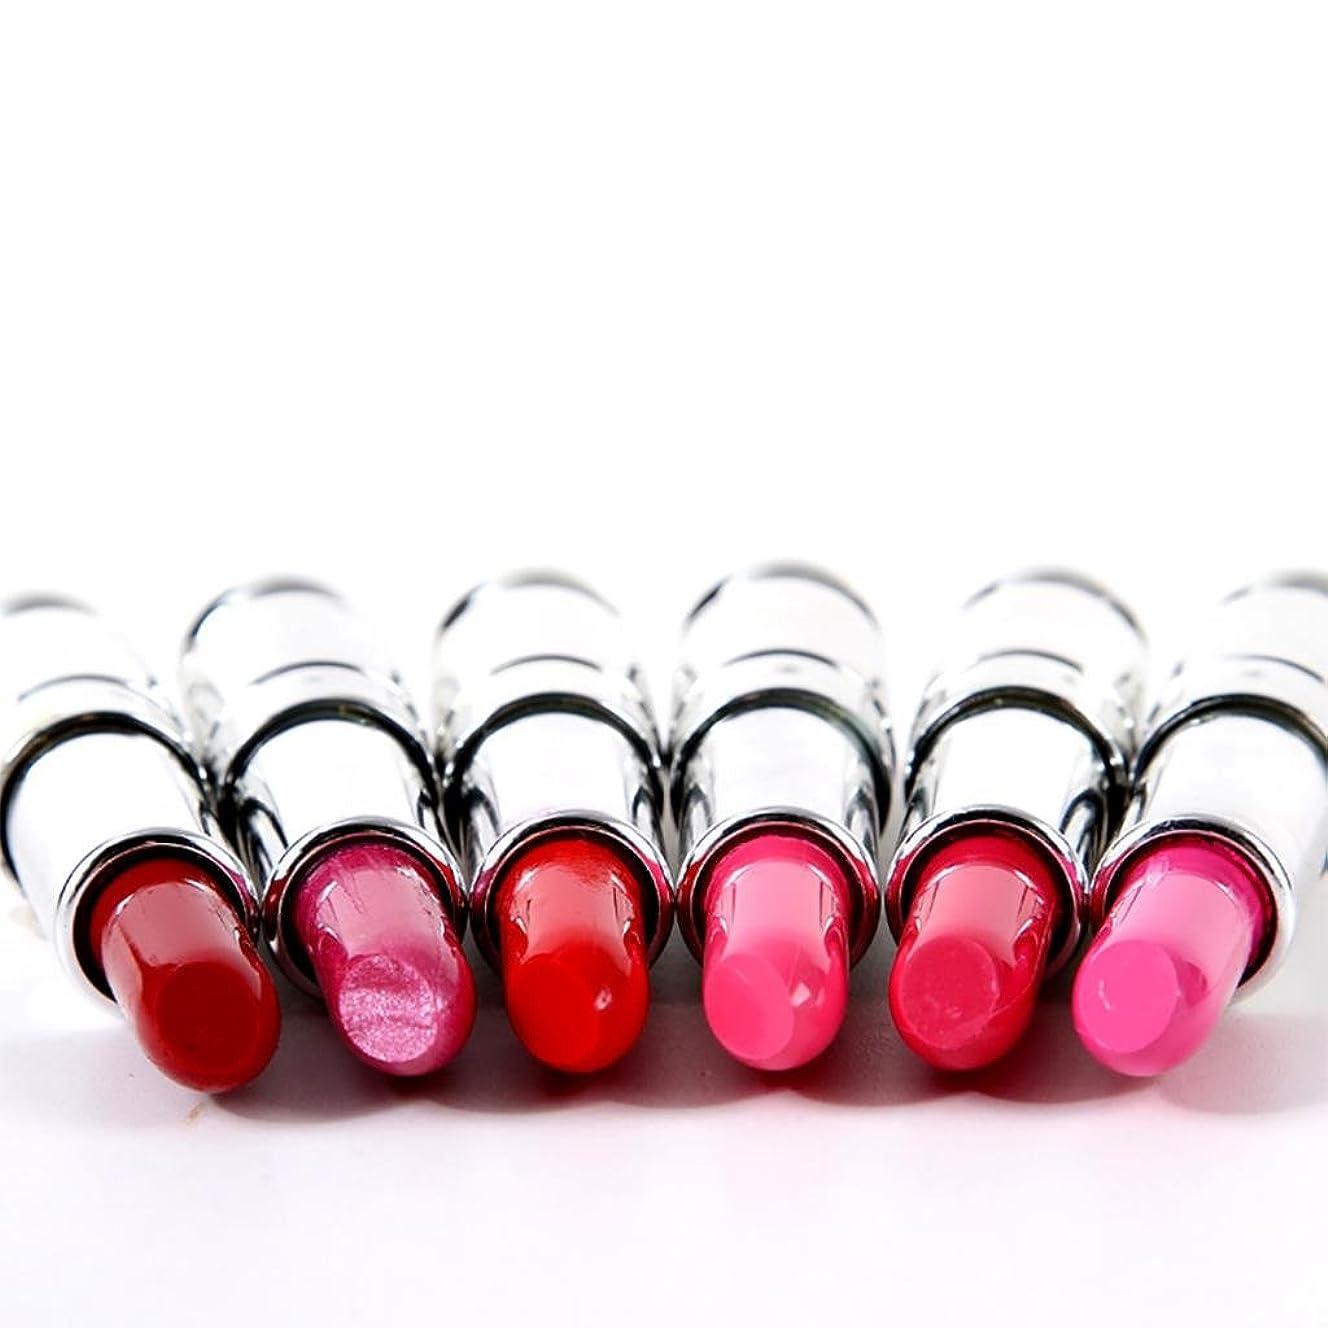 会議保証金マネージャーSONONIA 6色 リップスティック 口紅 リップグロス 人気色 防水 長持ち マット メイクアップ 魅力的 唇メイク